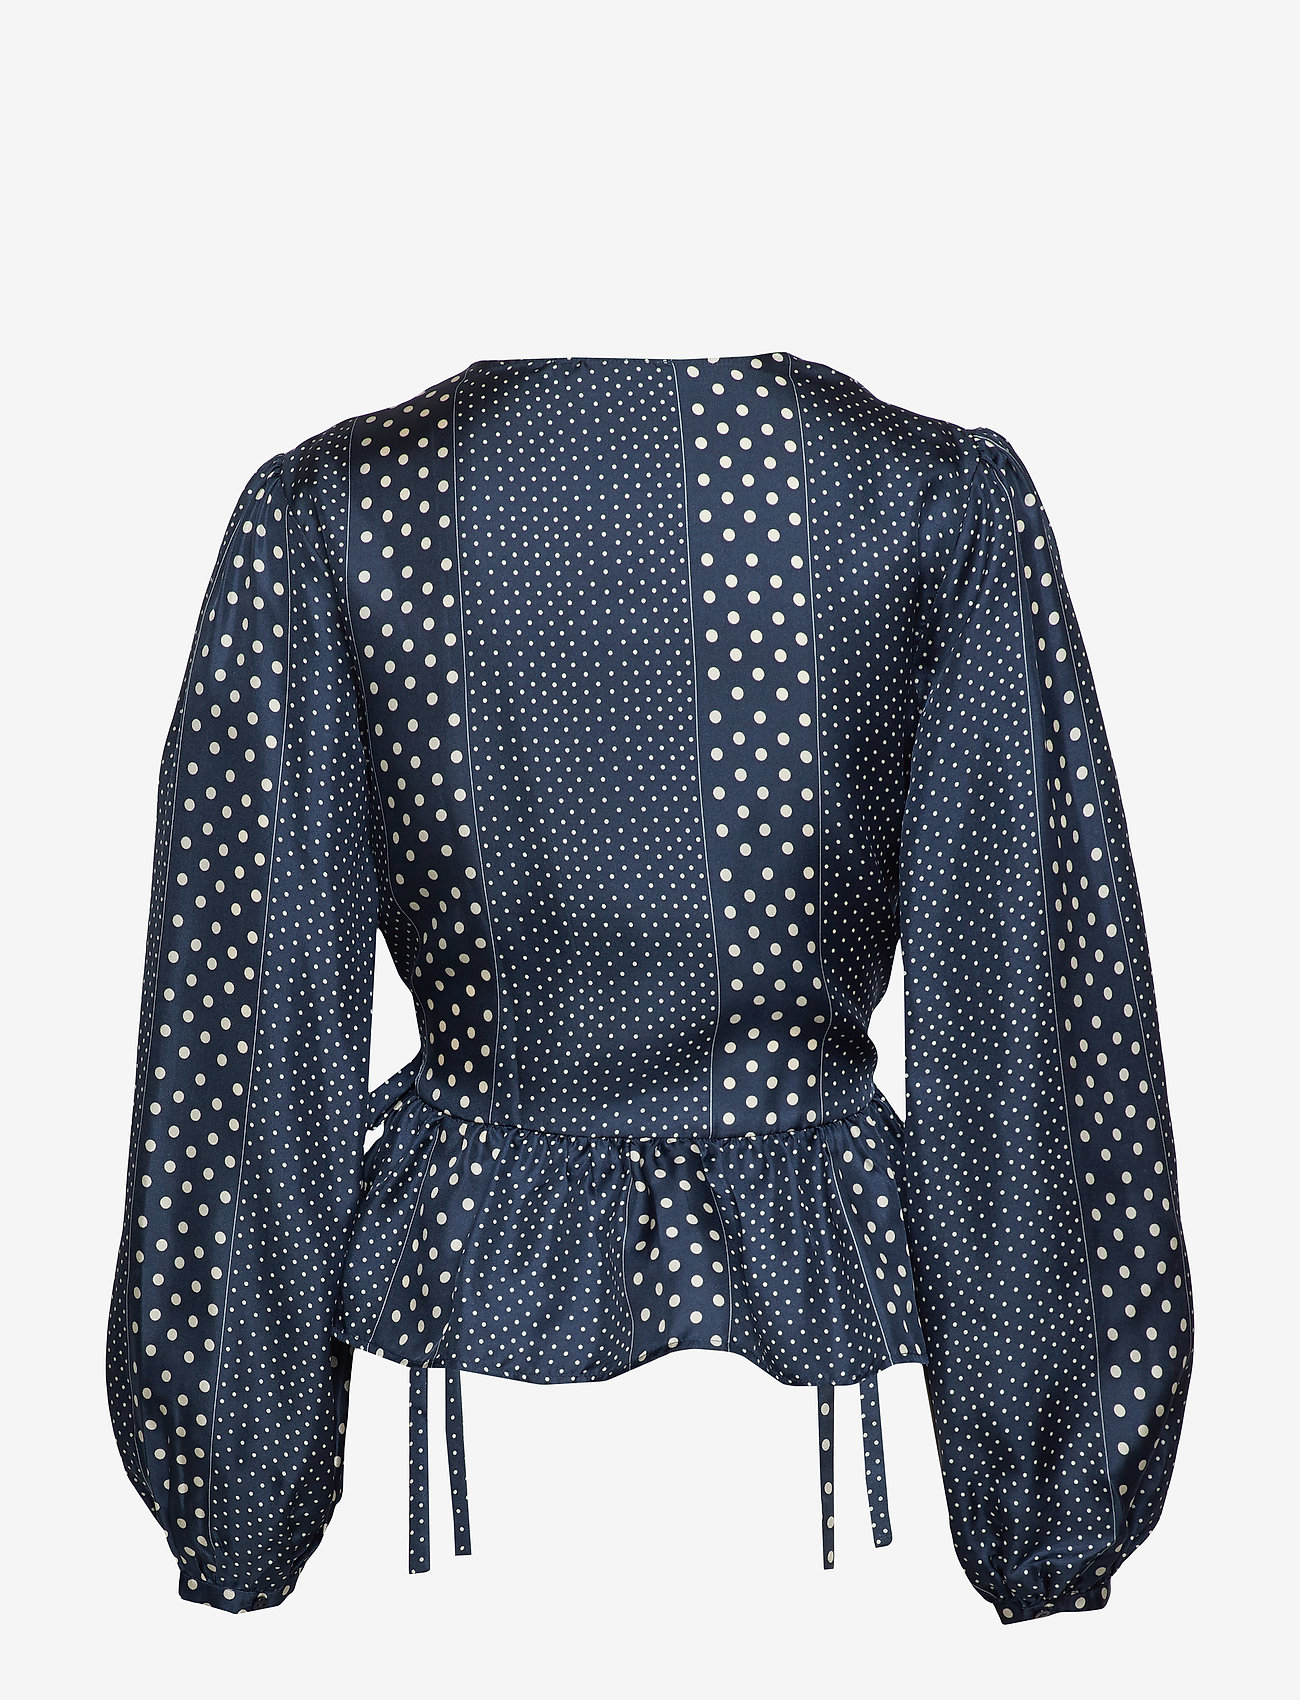 Nastya Shirt (Navy) (1317.25 kr) - Lovechild 1979